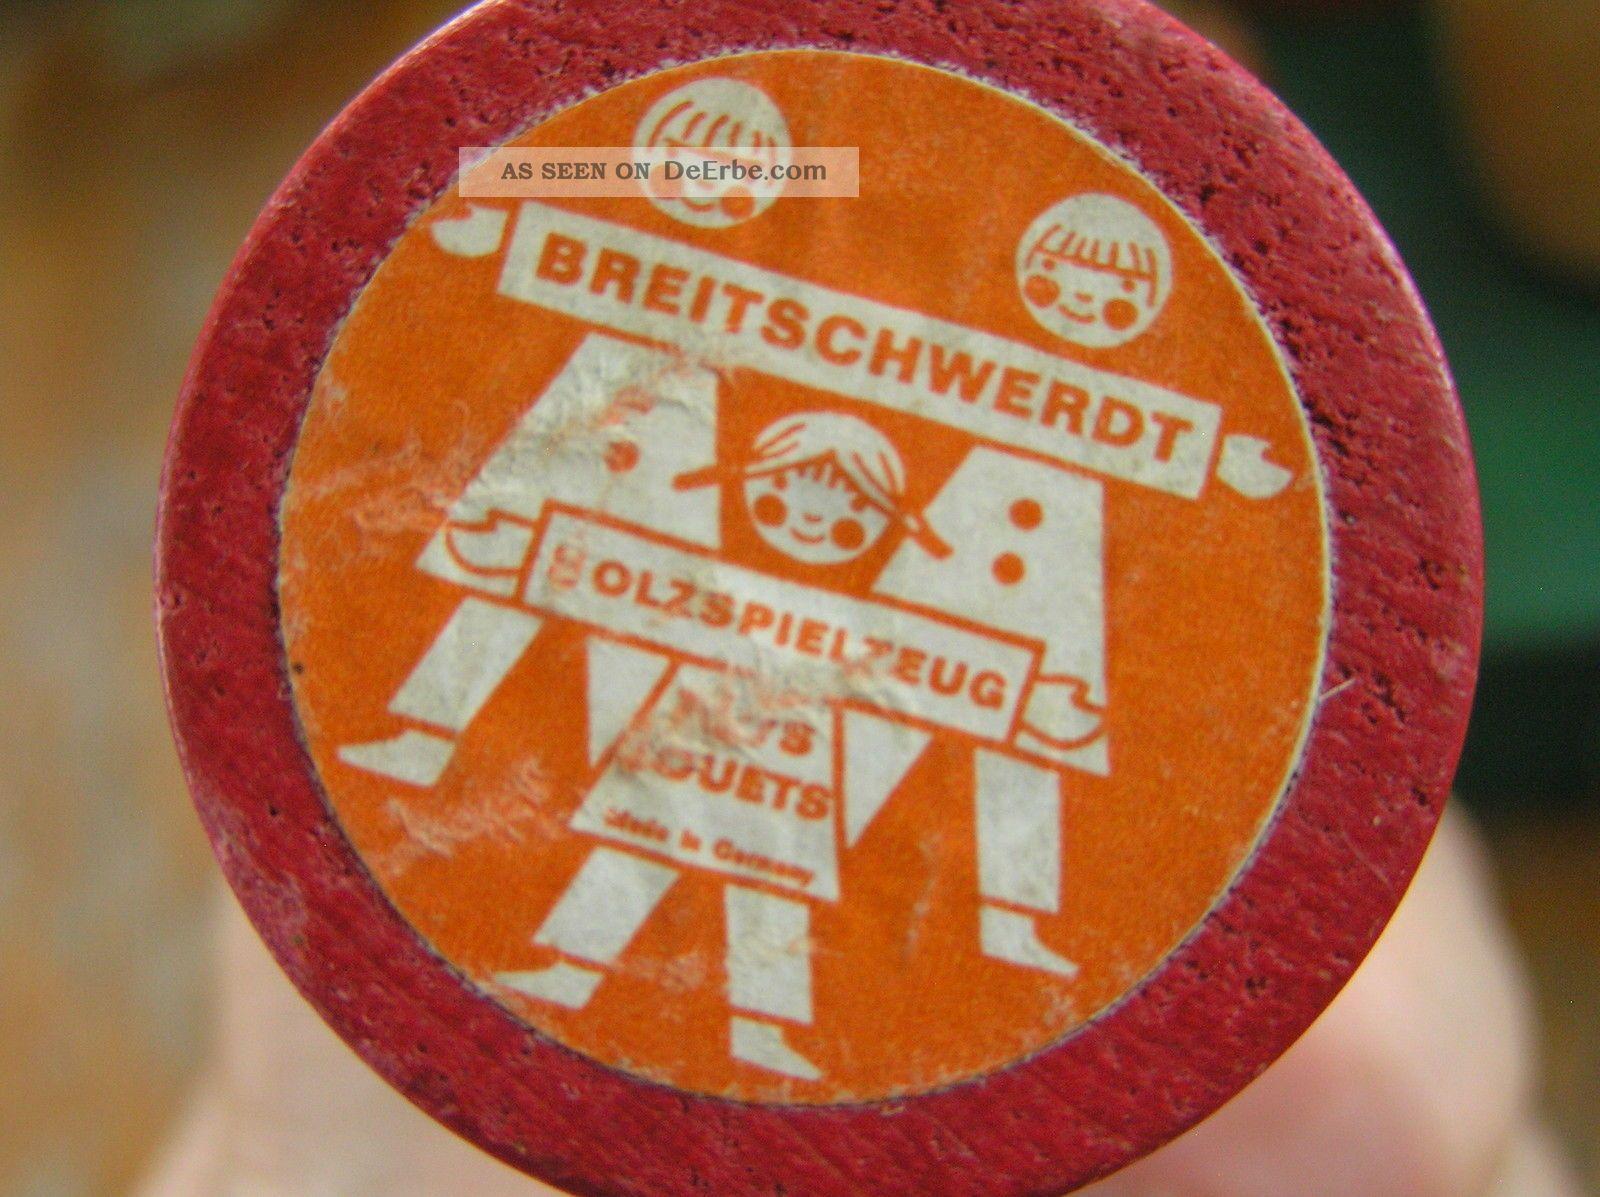 di vecchie Germania giocattolo marca del Le legno Breitschwerdt la dipinto figure hanno 3cJFKTl1u